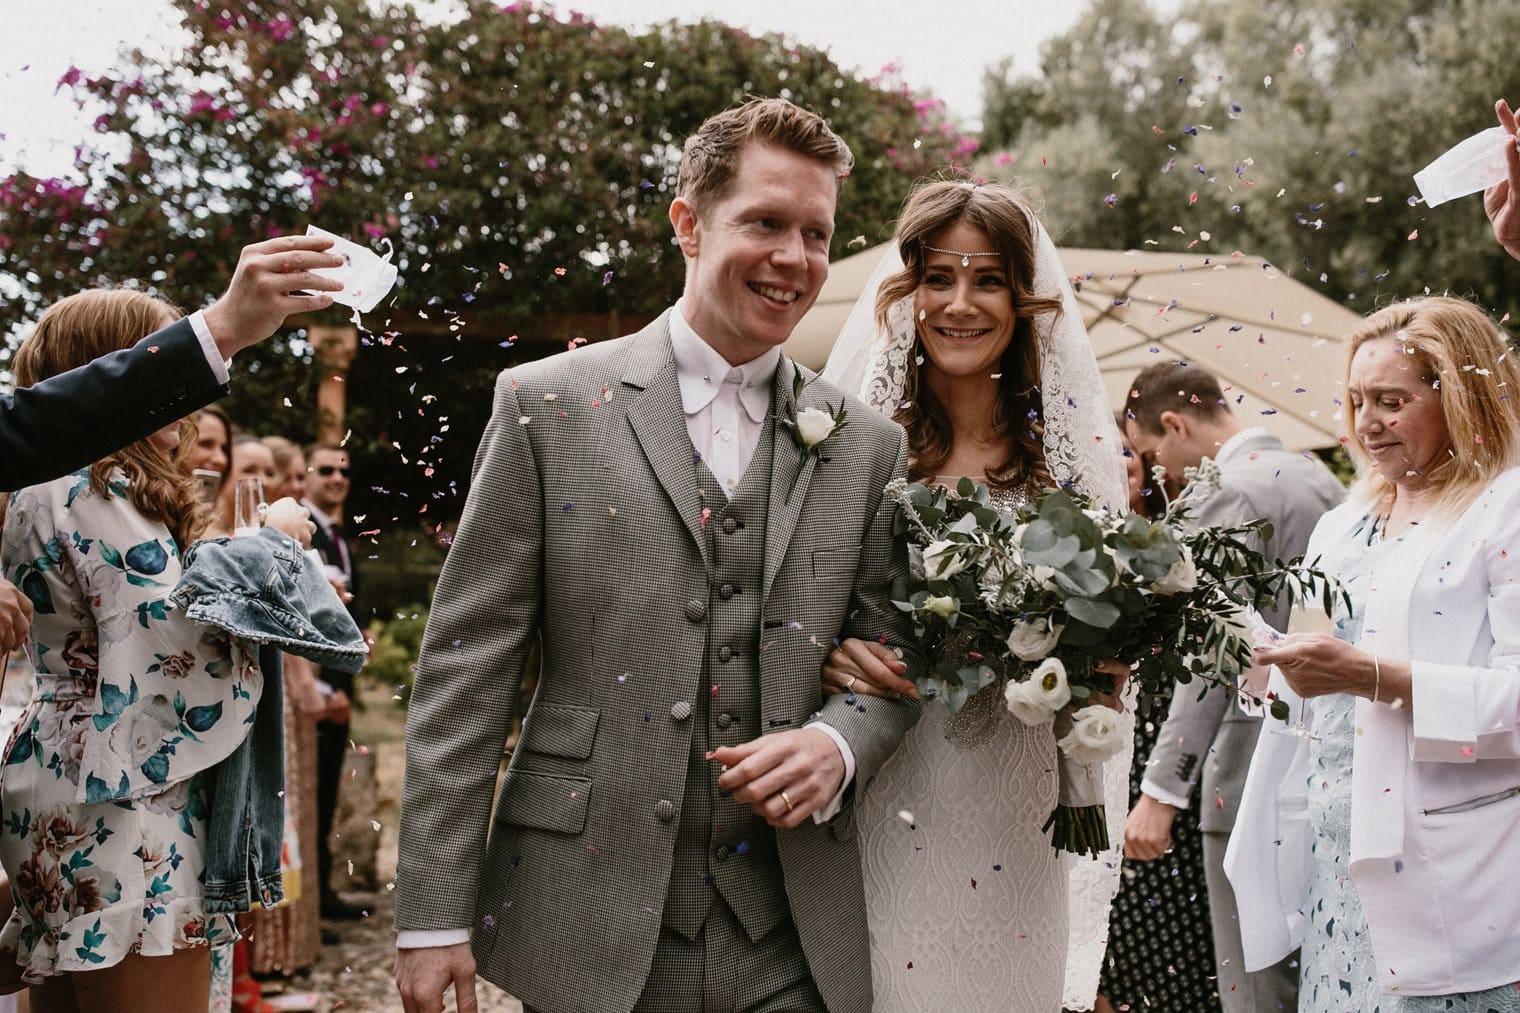 wedding confetti, wedding celebrations